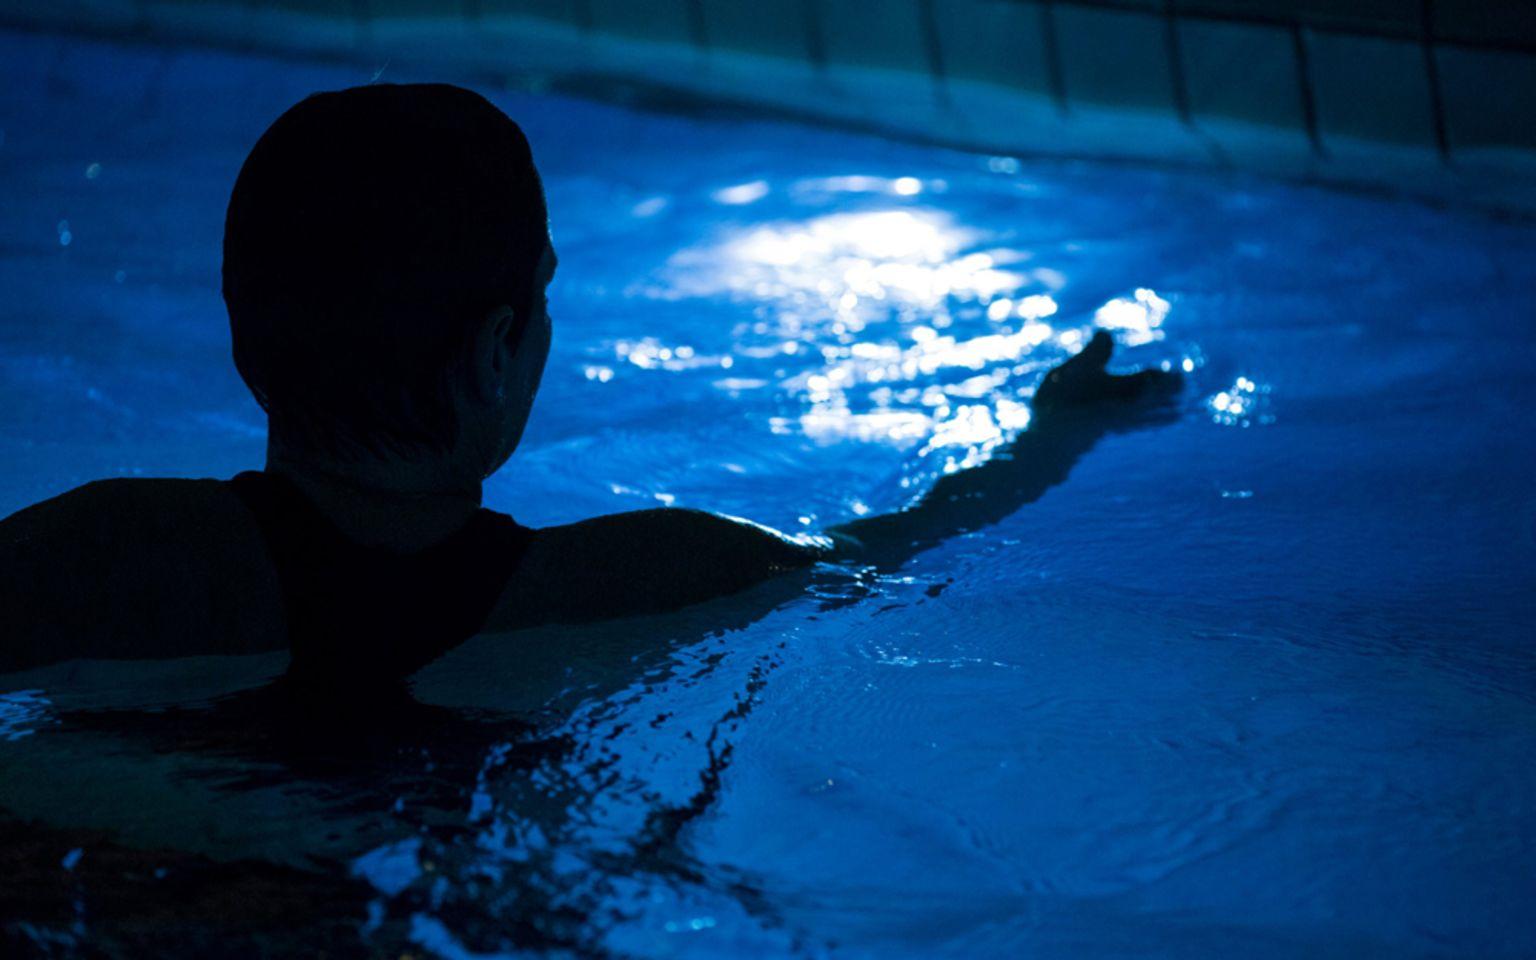 siluett av kvinnas huvud och arm bakifrån i upplyst pool i nedsläckt rum